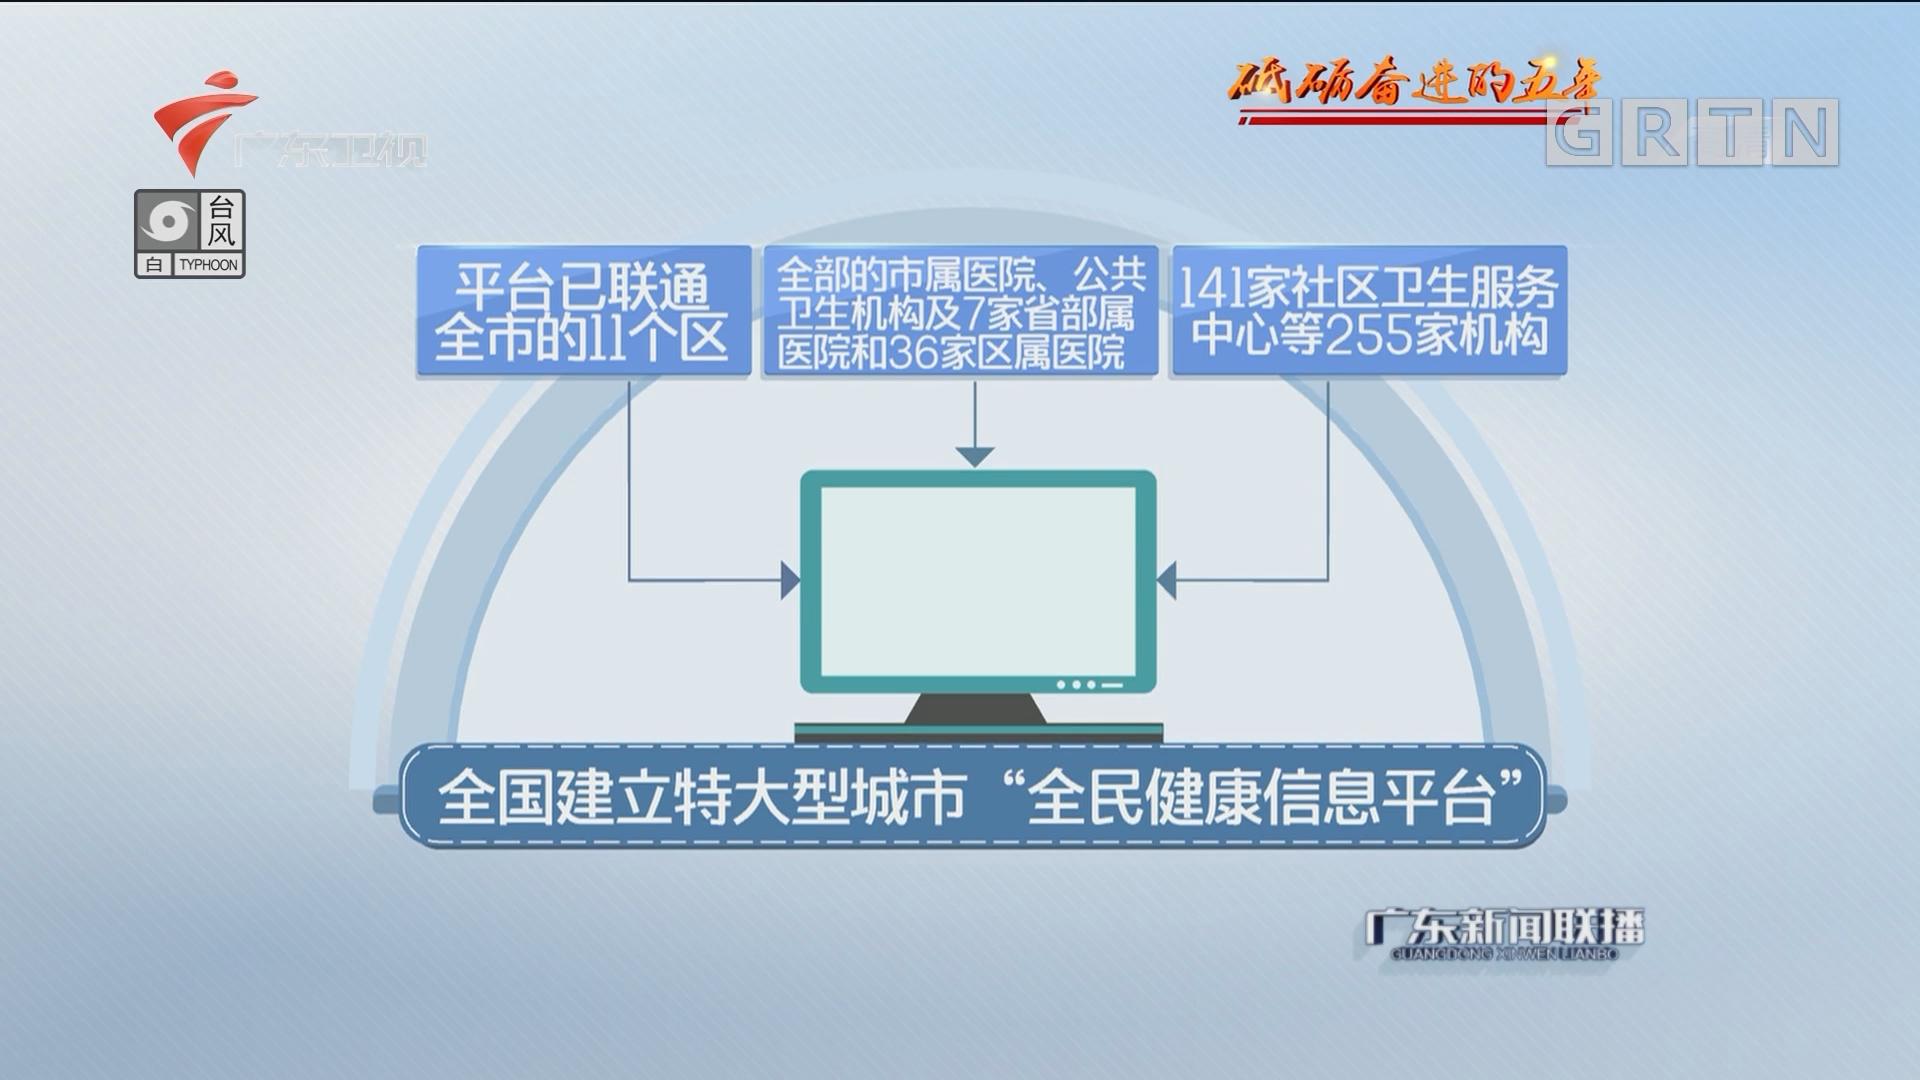 """广州:创新智慧医疗 信息化建设提升群众""""获得感"""""""